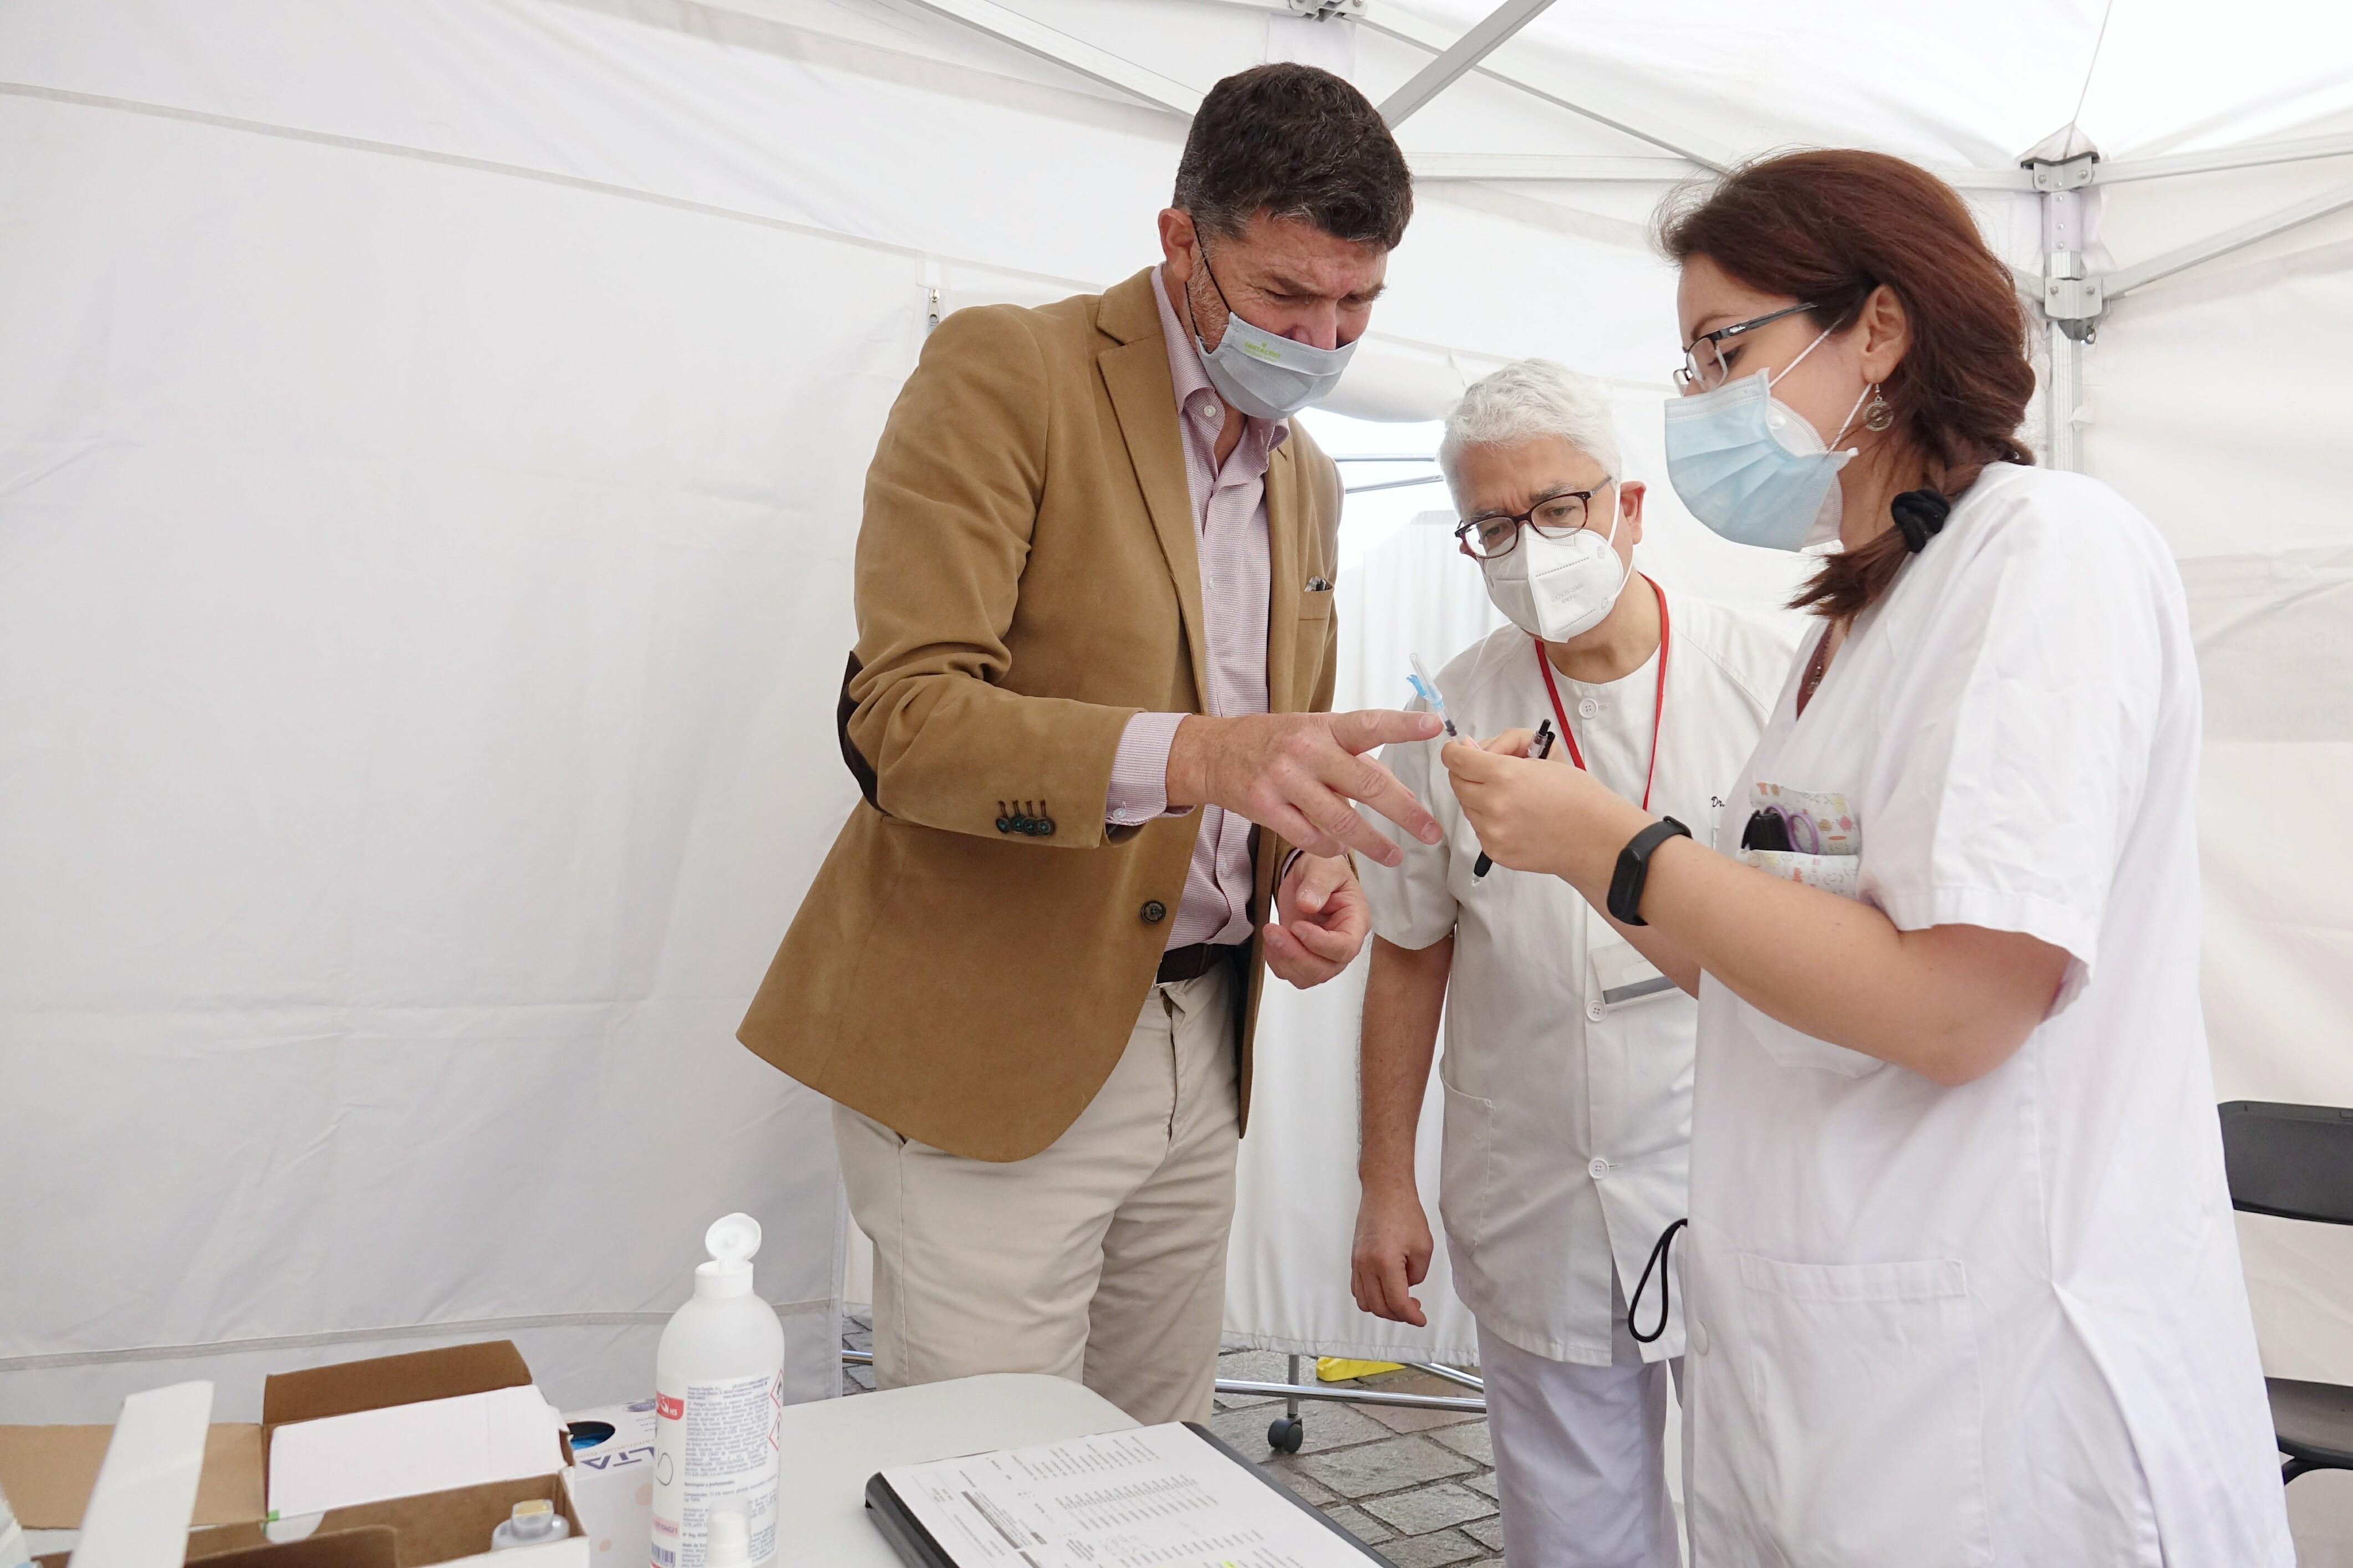 Carpa de vacunación de Centro de Salud de Doctor Guigoú / CanariasNoticias.es